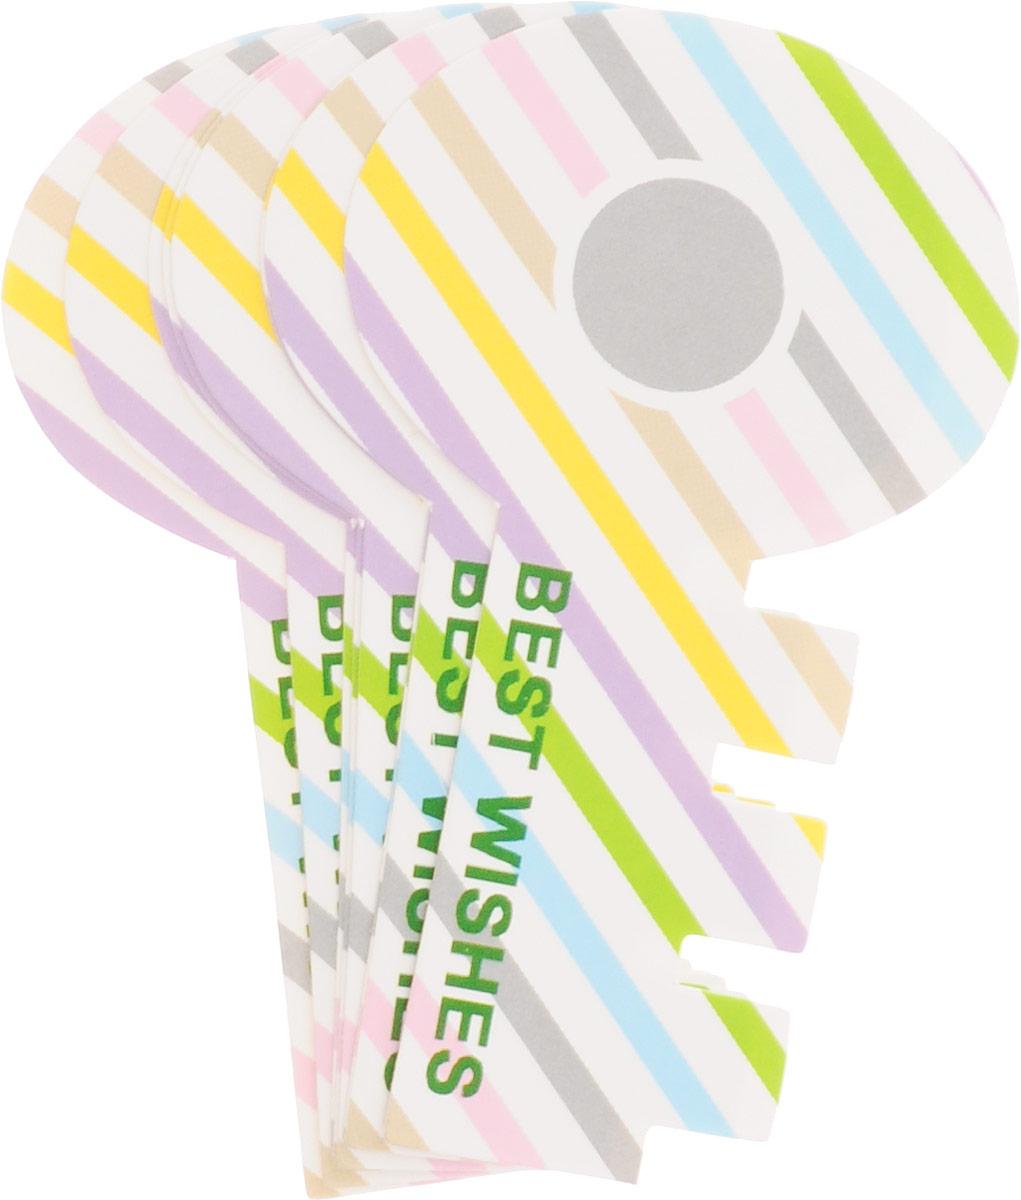 Карамба Закладки Ключ цвет мультиколор 8 шт4028_косая линия, мультикорорНабор Карамба Ключ включает 8 бумажных закладок, выполненных в виде ключа. Оригинальные закладки позволят выделить нужную страницу.